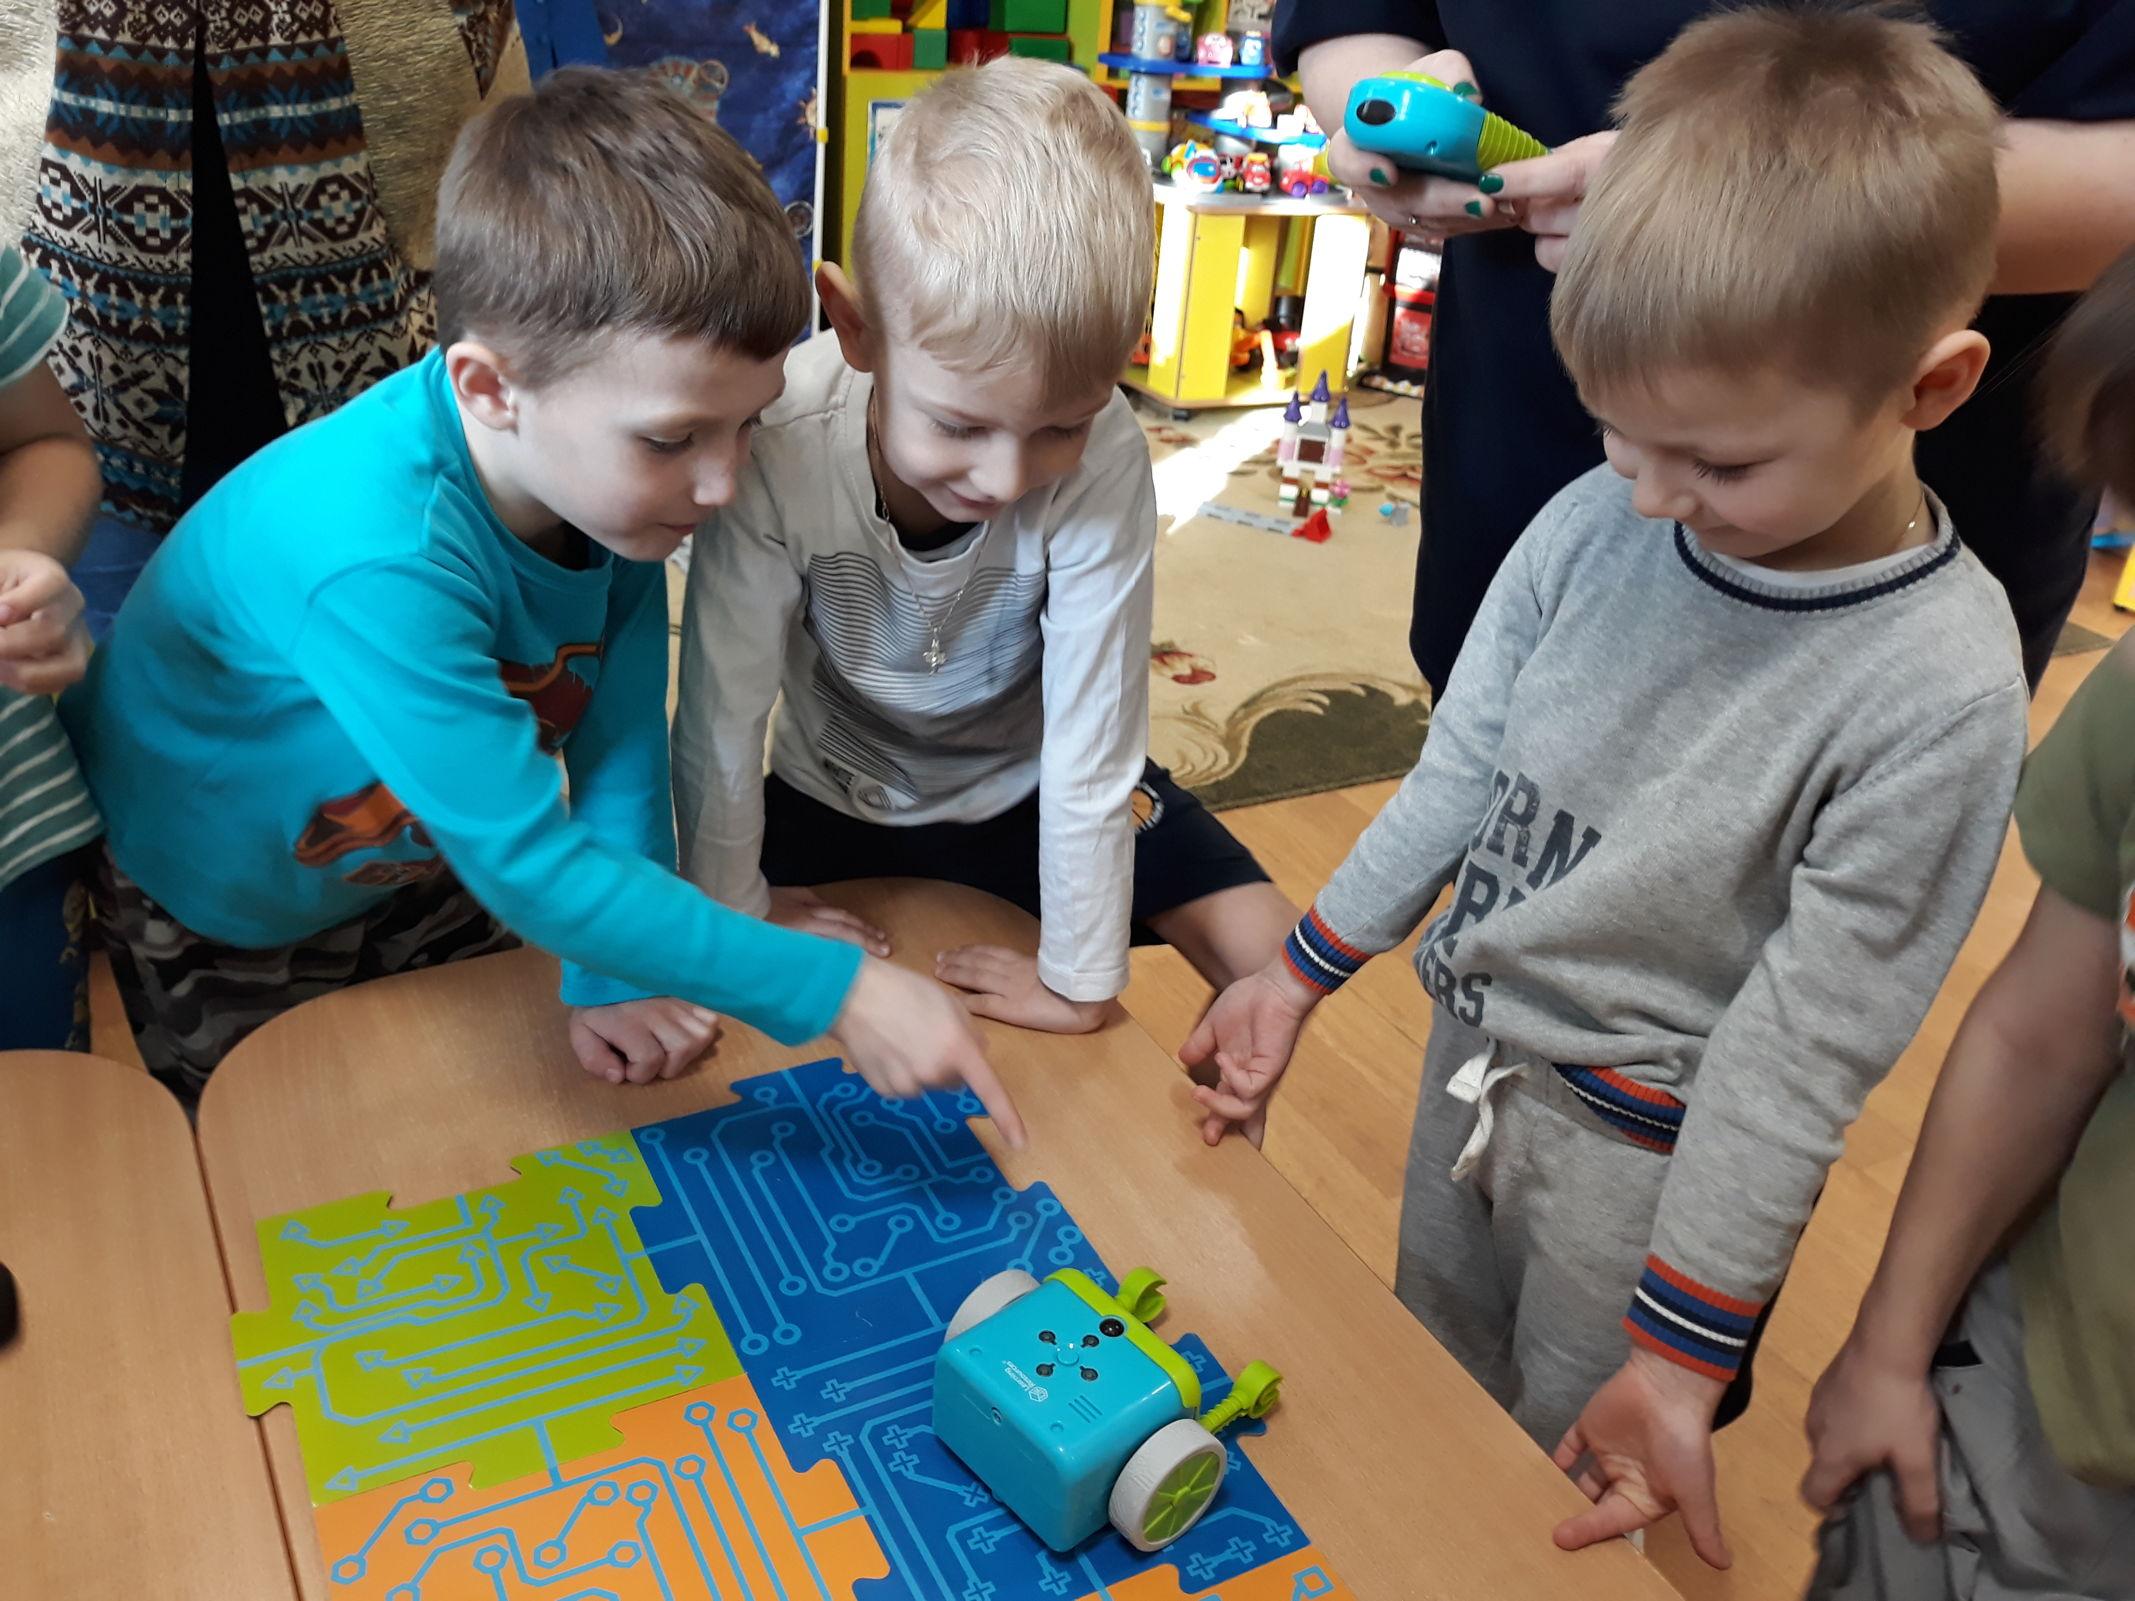 Ярославские дошкольники осваивают робототехнику и анимацию в рамках проекта «Умный детский сад.76»